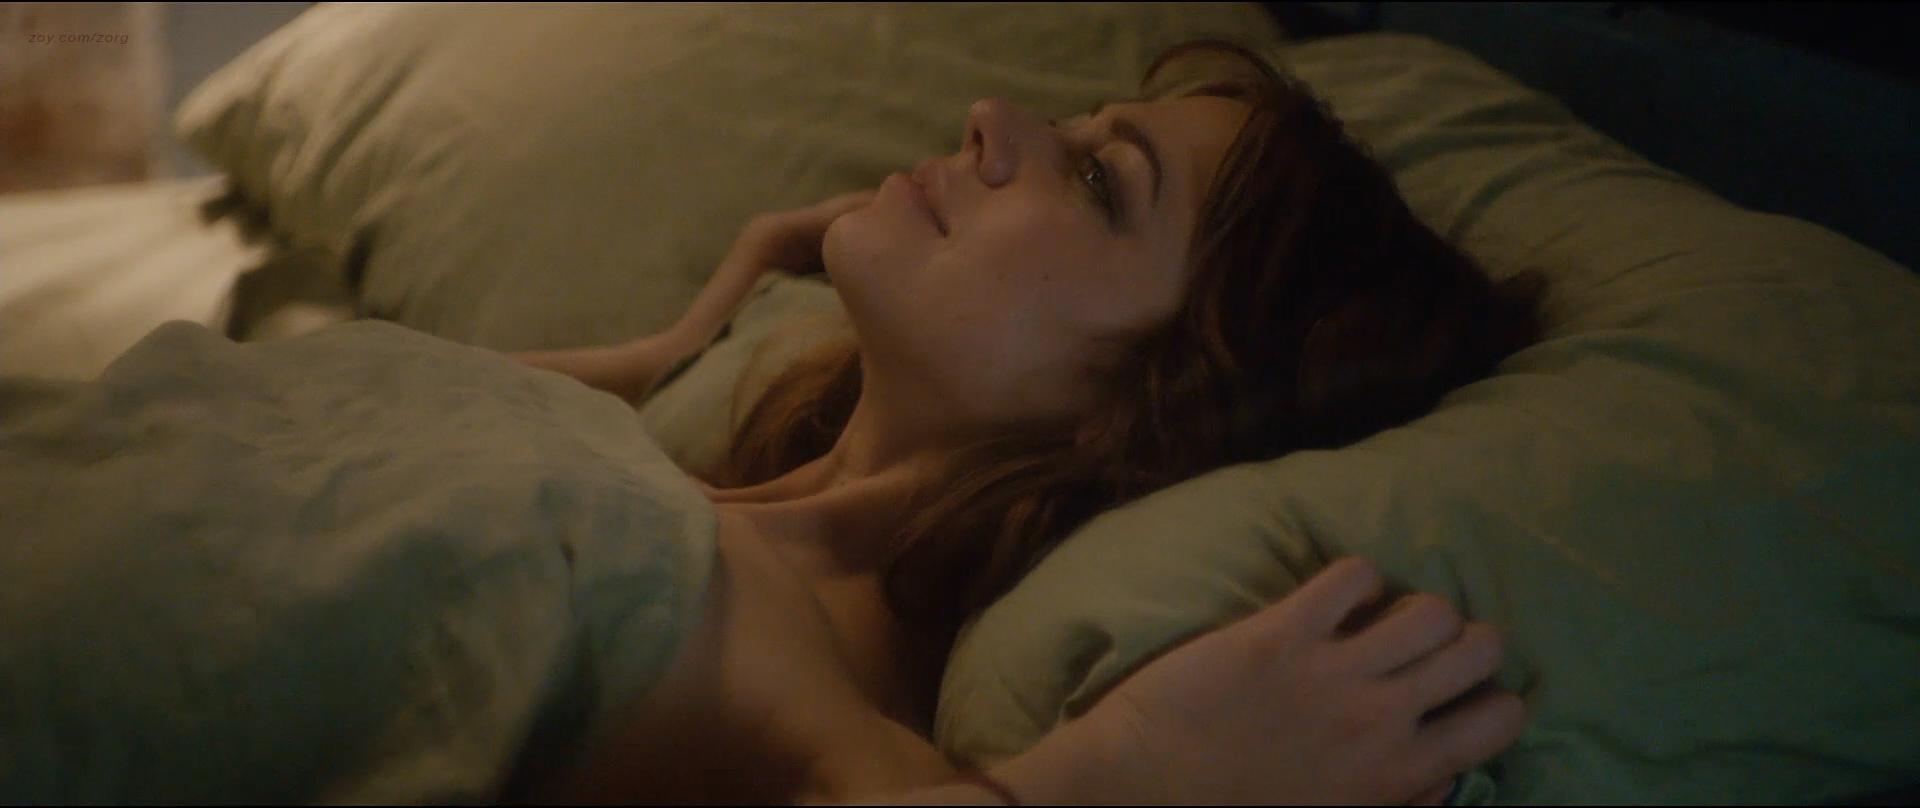 Сексуальные фильмы пронь полной думаю